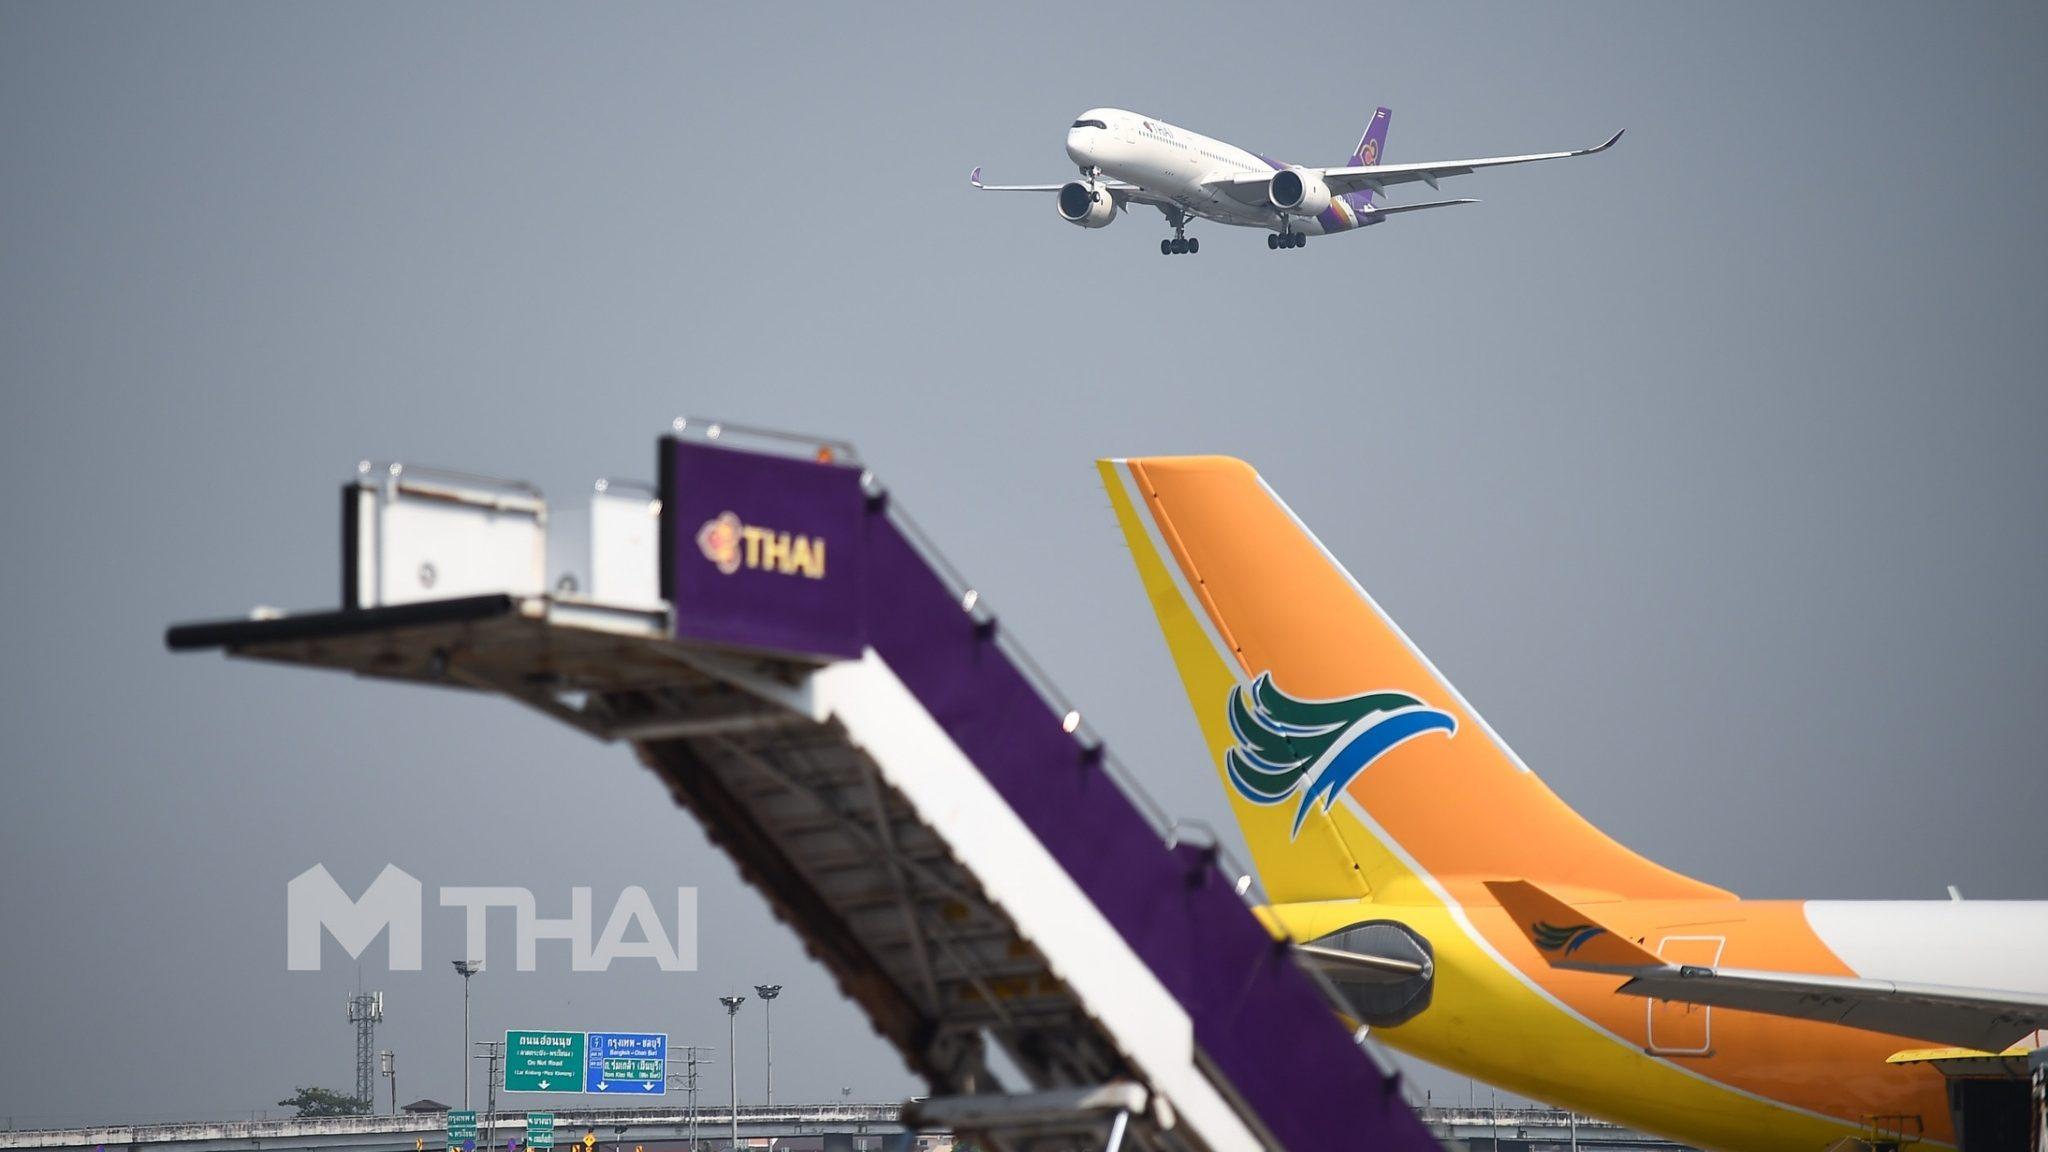 'การบินไทย' ปี 63 ขาดทุนกว่า 1.4 แสนล้านบาท